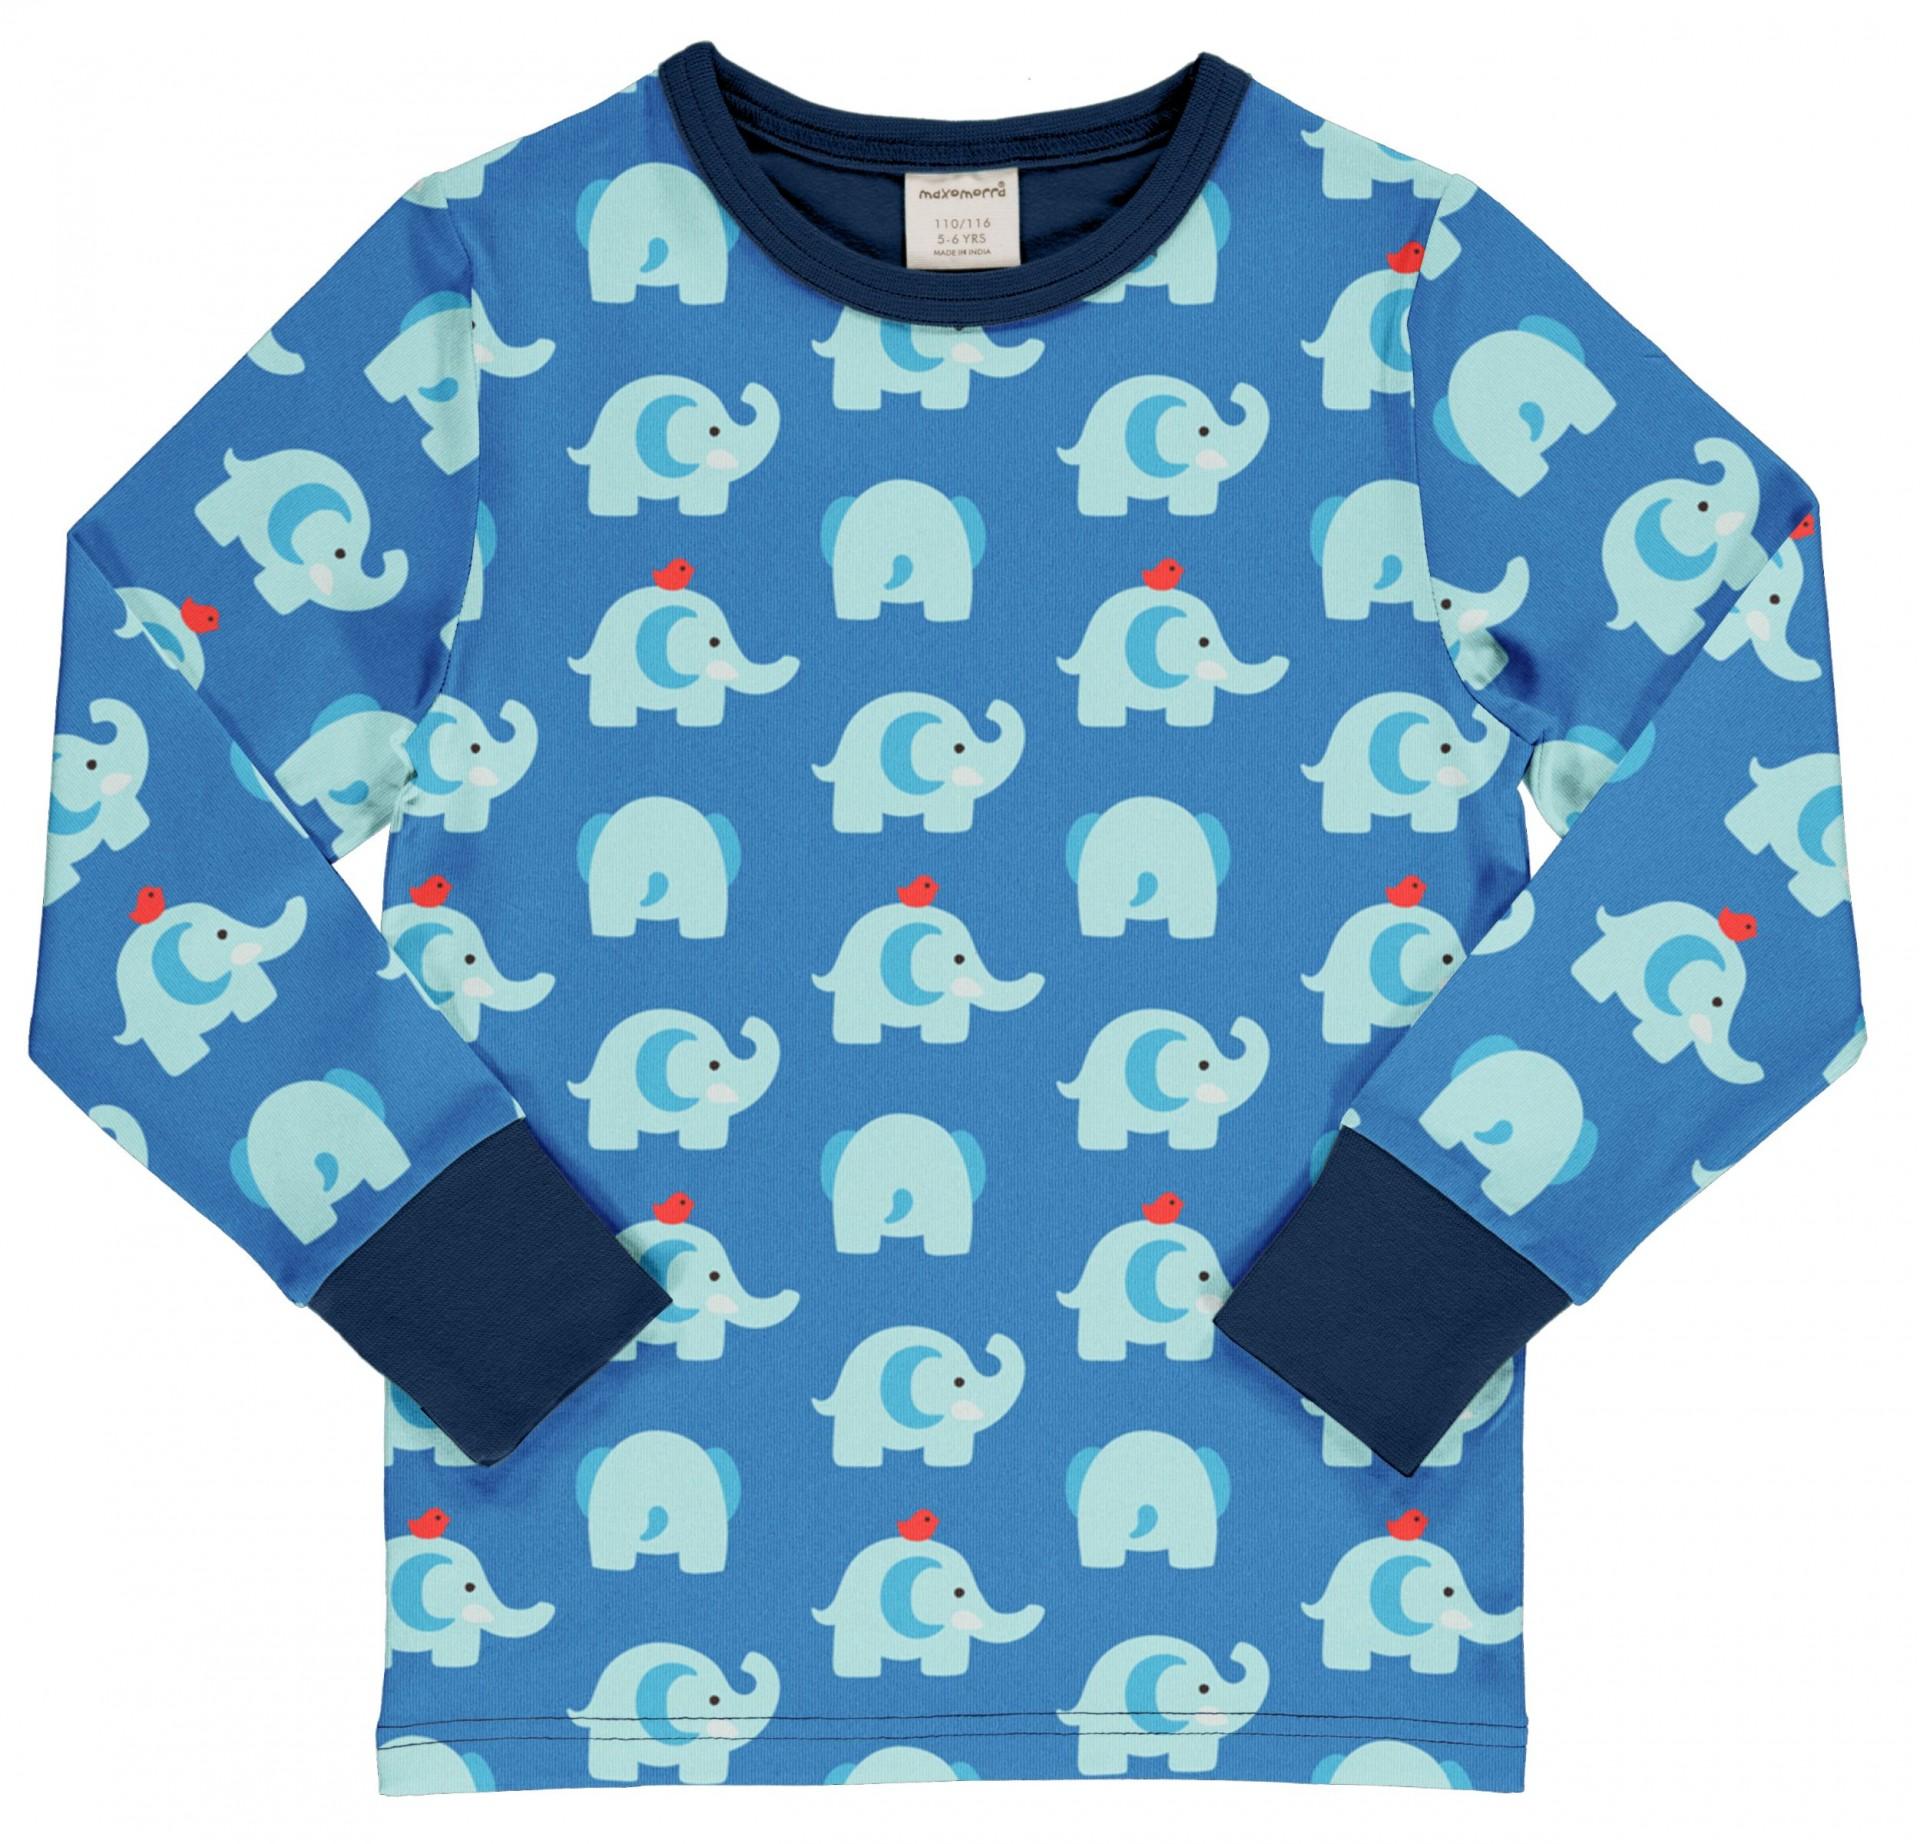 Camisola ELEPHANT FRIENDS Maxomorra (Tamanhos disponíveis 9-12m, 7-8a)